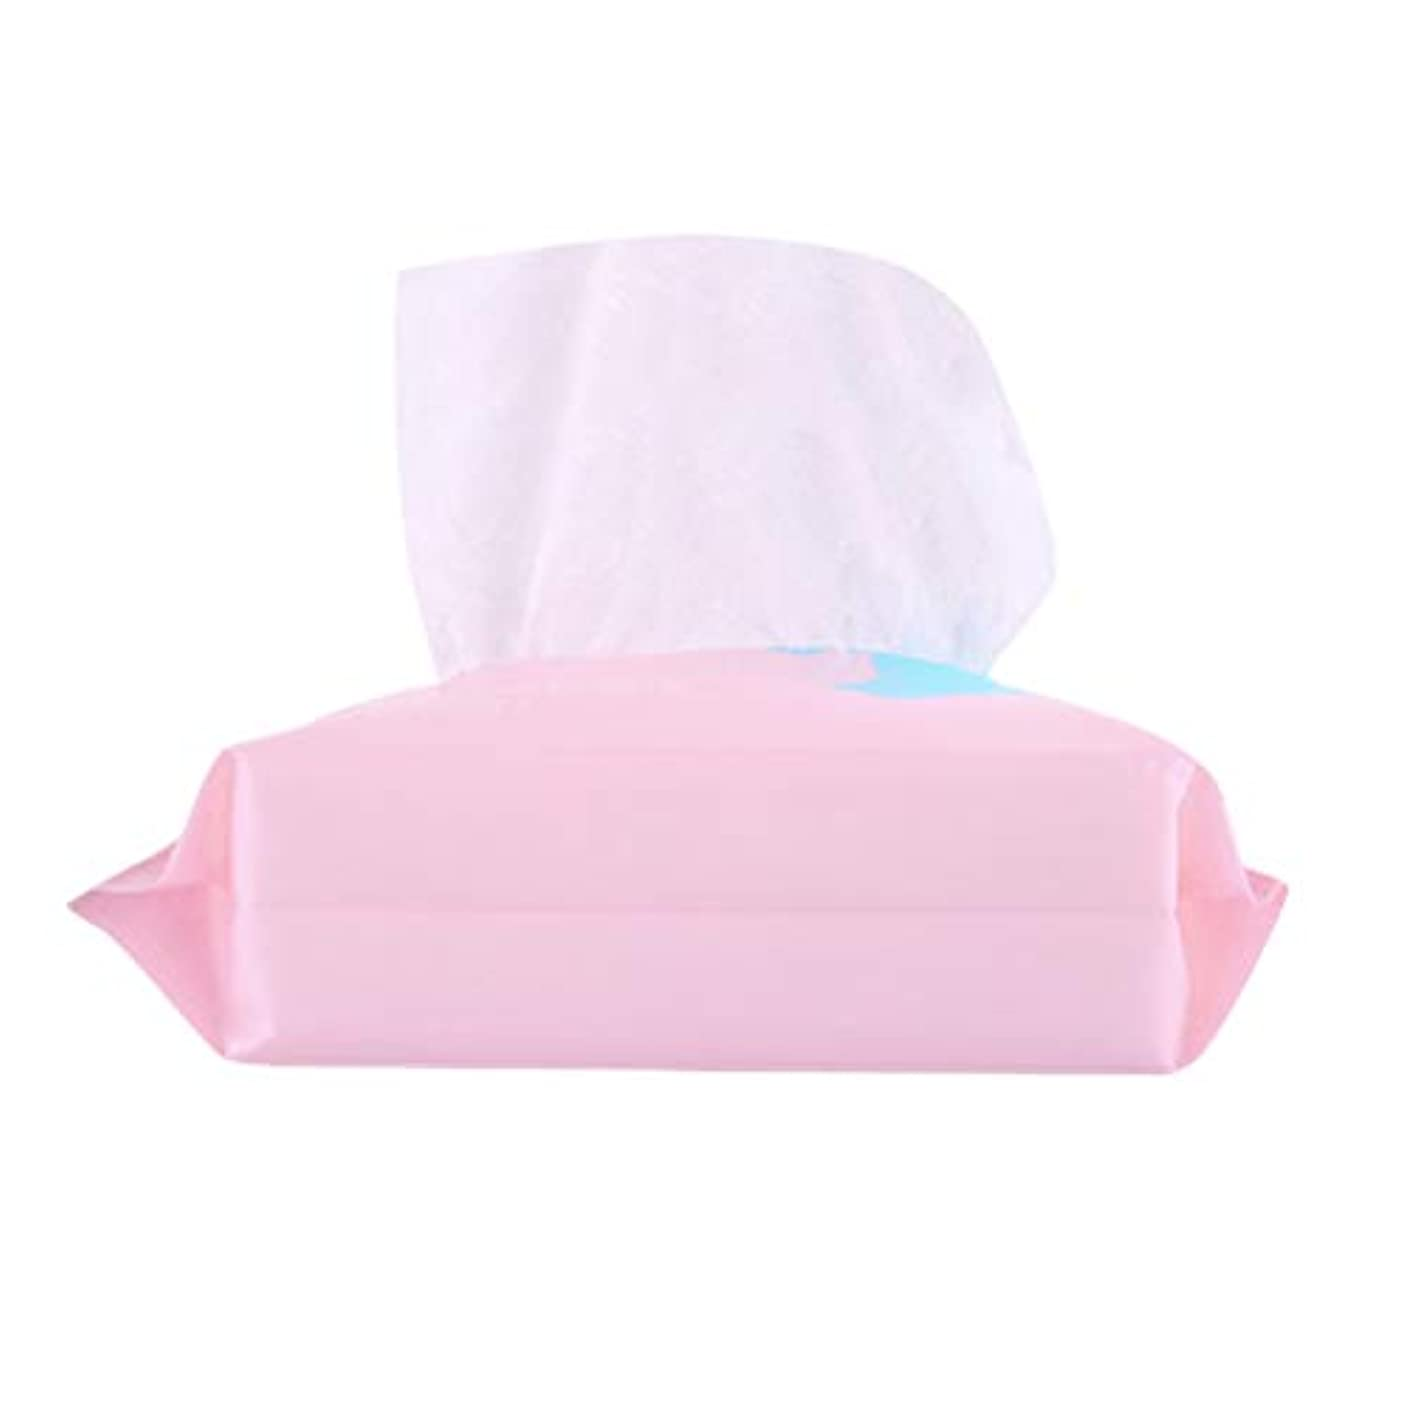 すずめカートン平日Lurrose 1 Bag Disposable Face Towel Facial Cotton Tissue Soft Cotton Pads Makeup Facial Soft Pads Pink (100pcs...